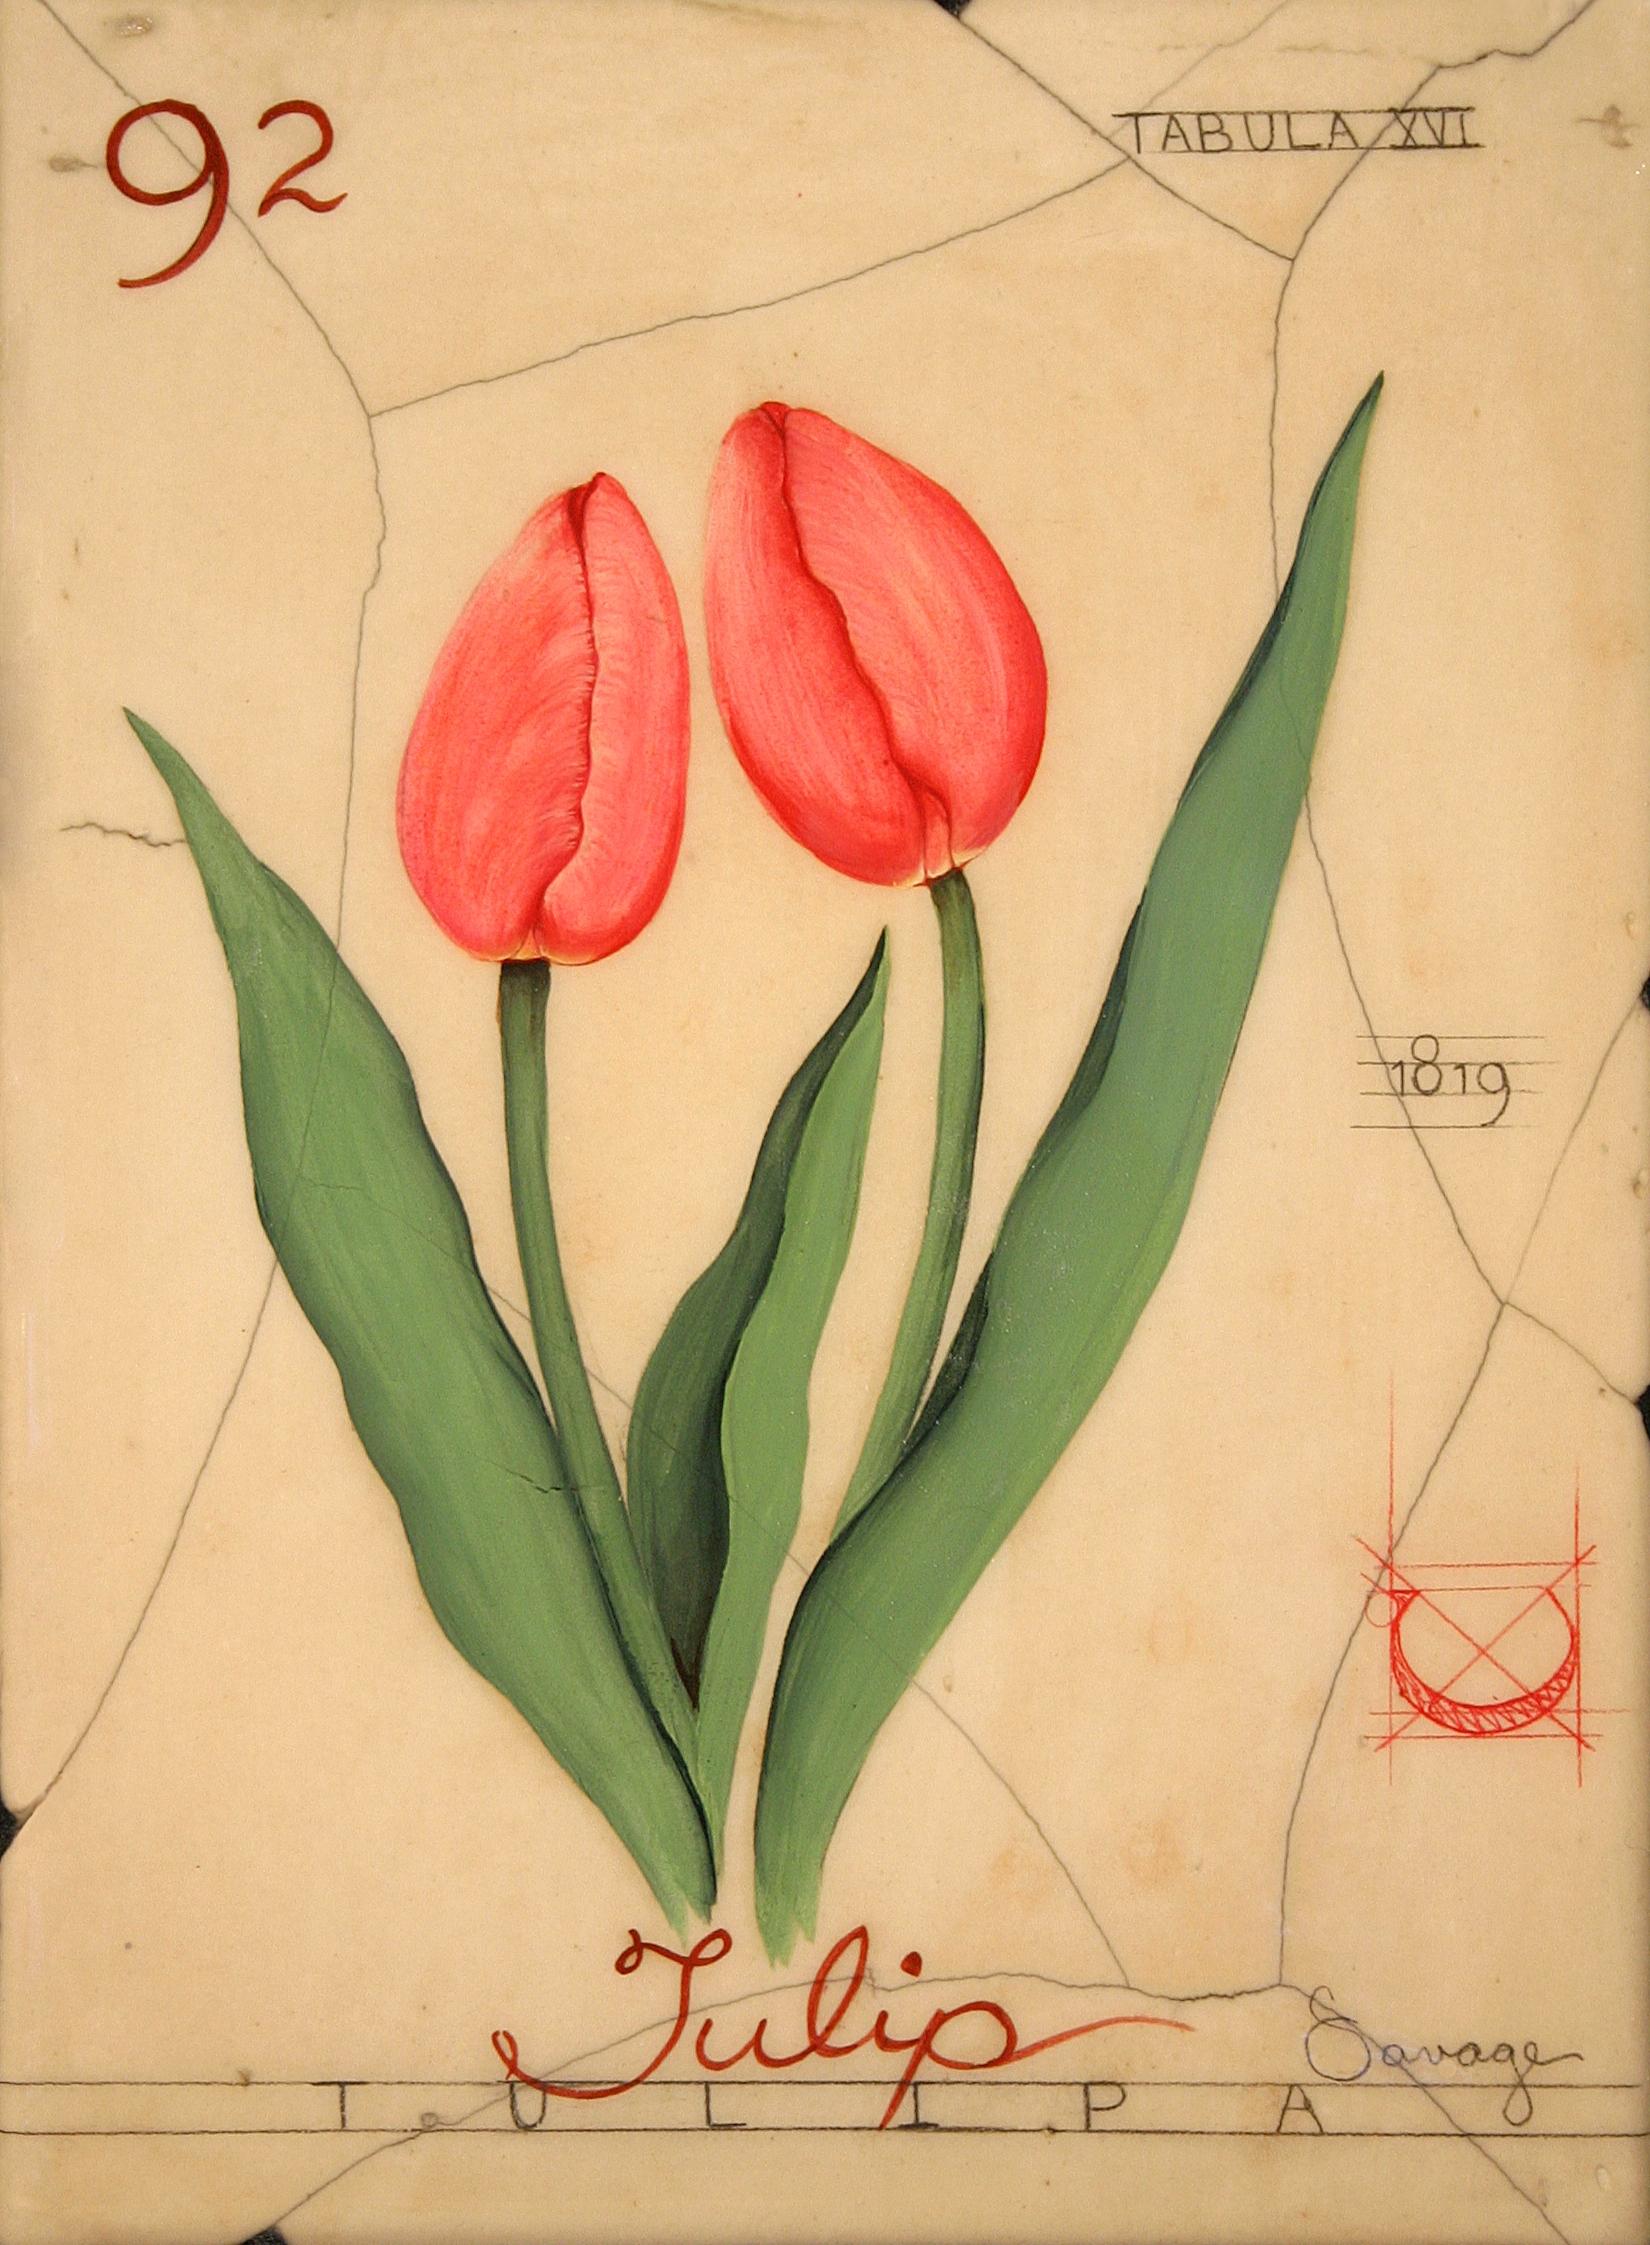 No. 92 Tulip